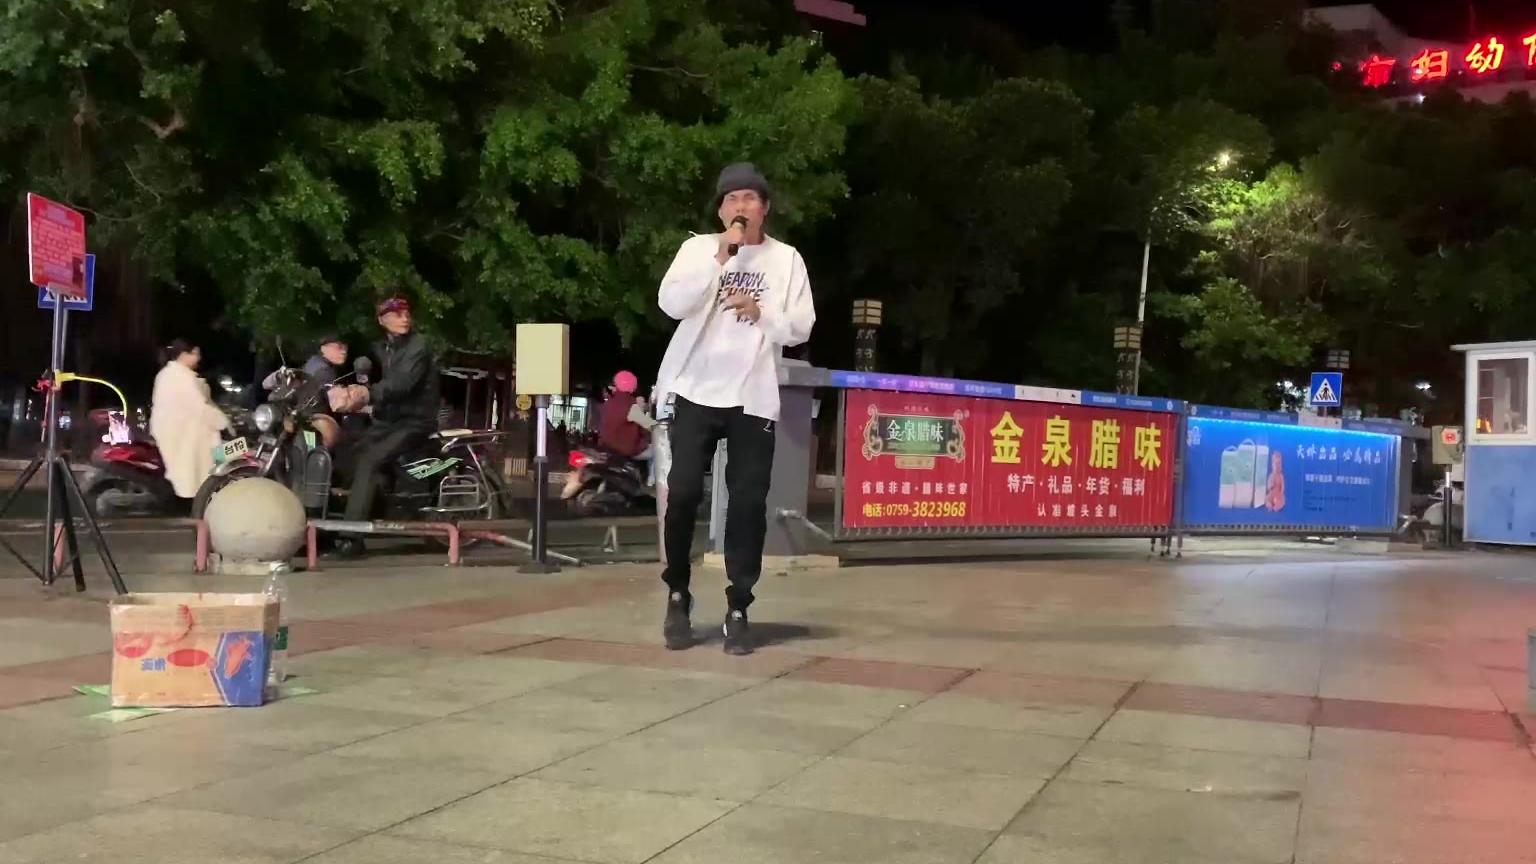 吴孝哥南华广场现场:《马上有钱》